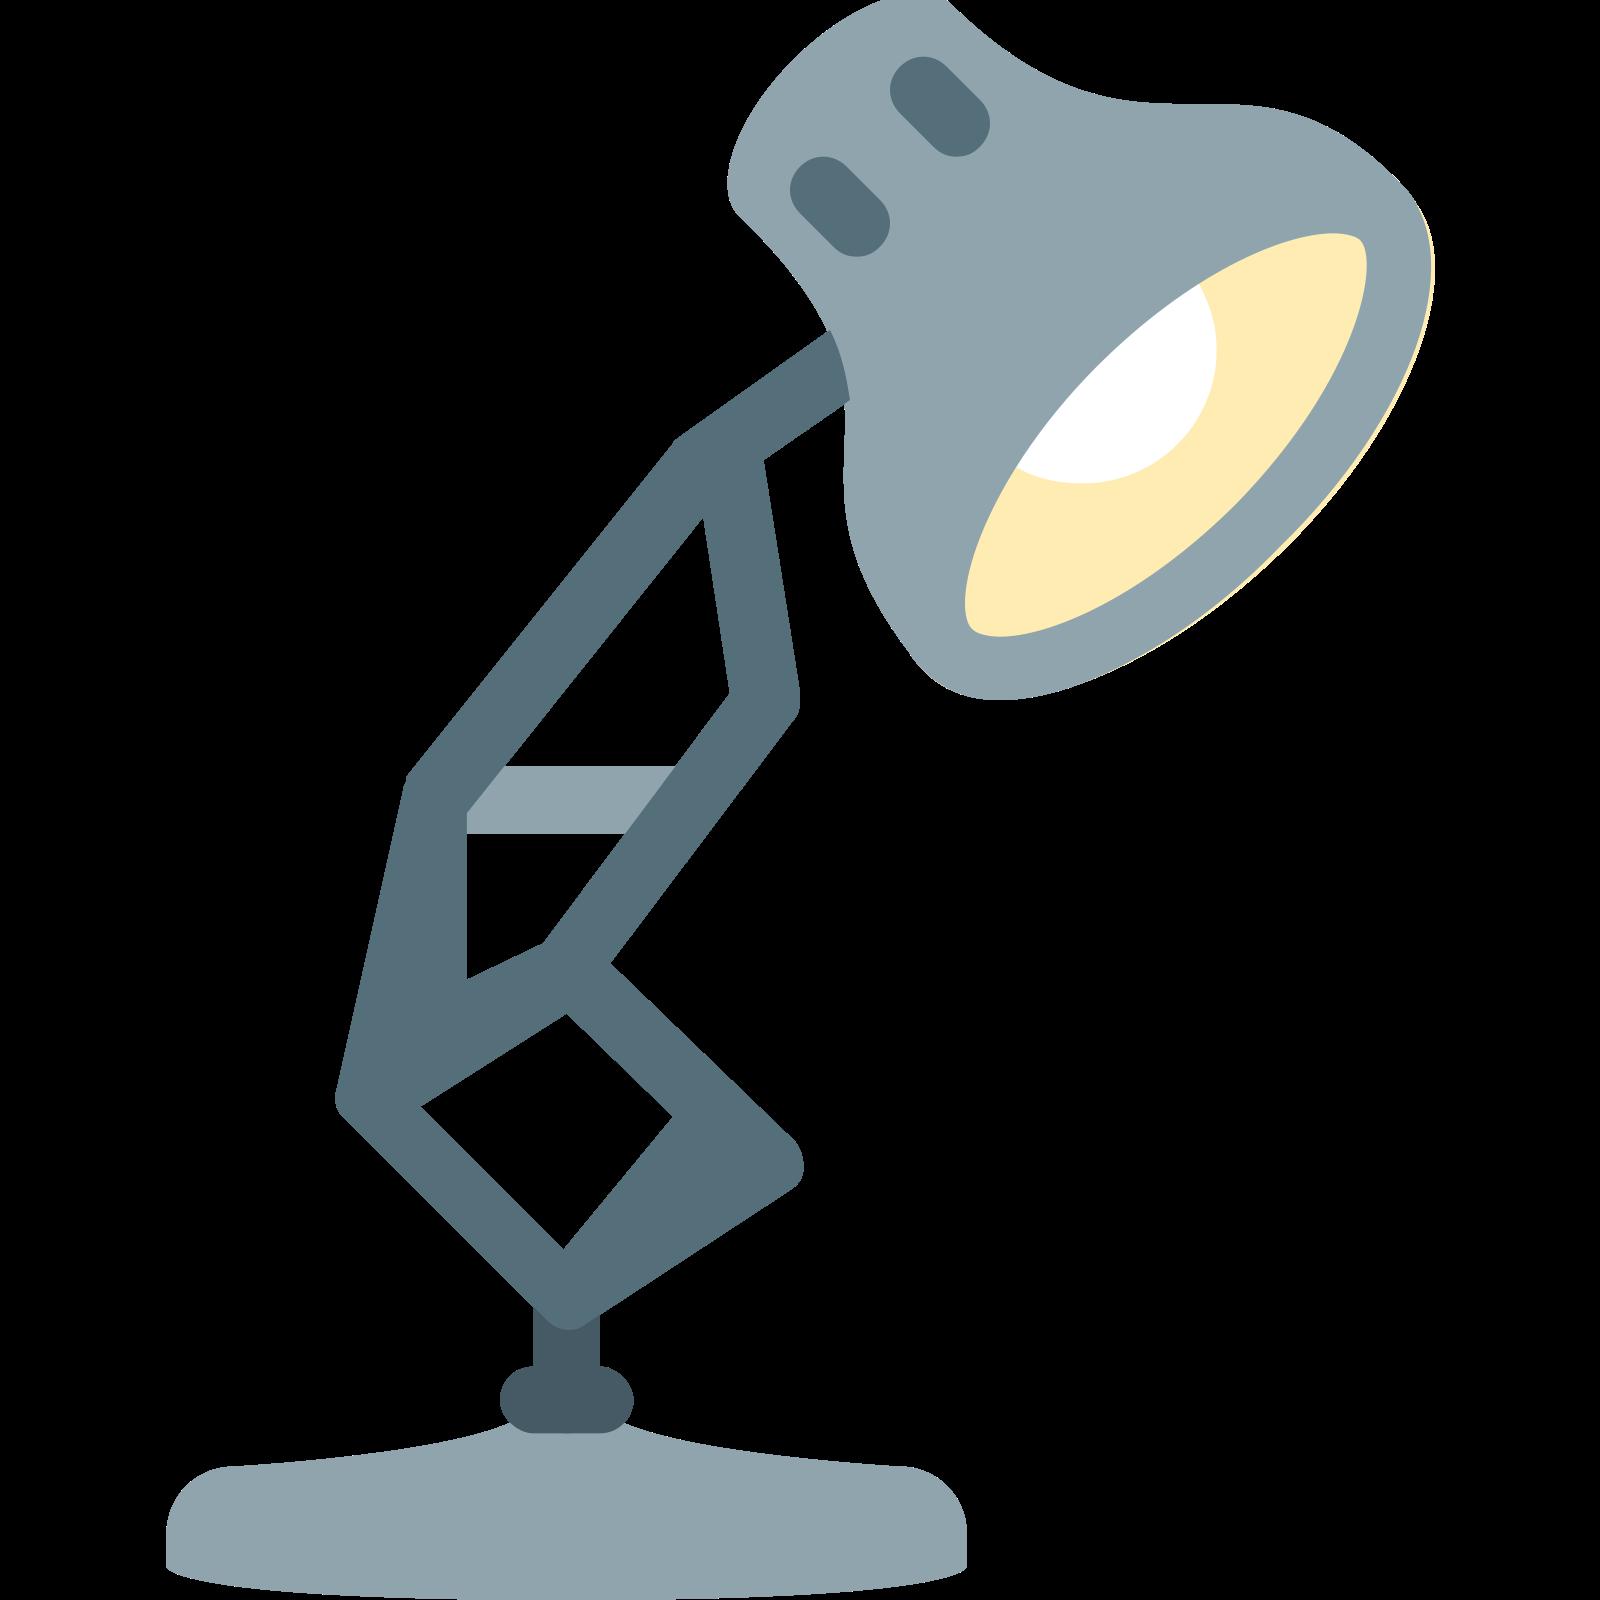 ピクサーランプ2 icon